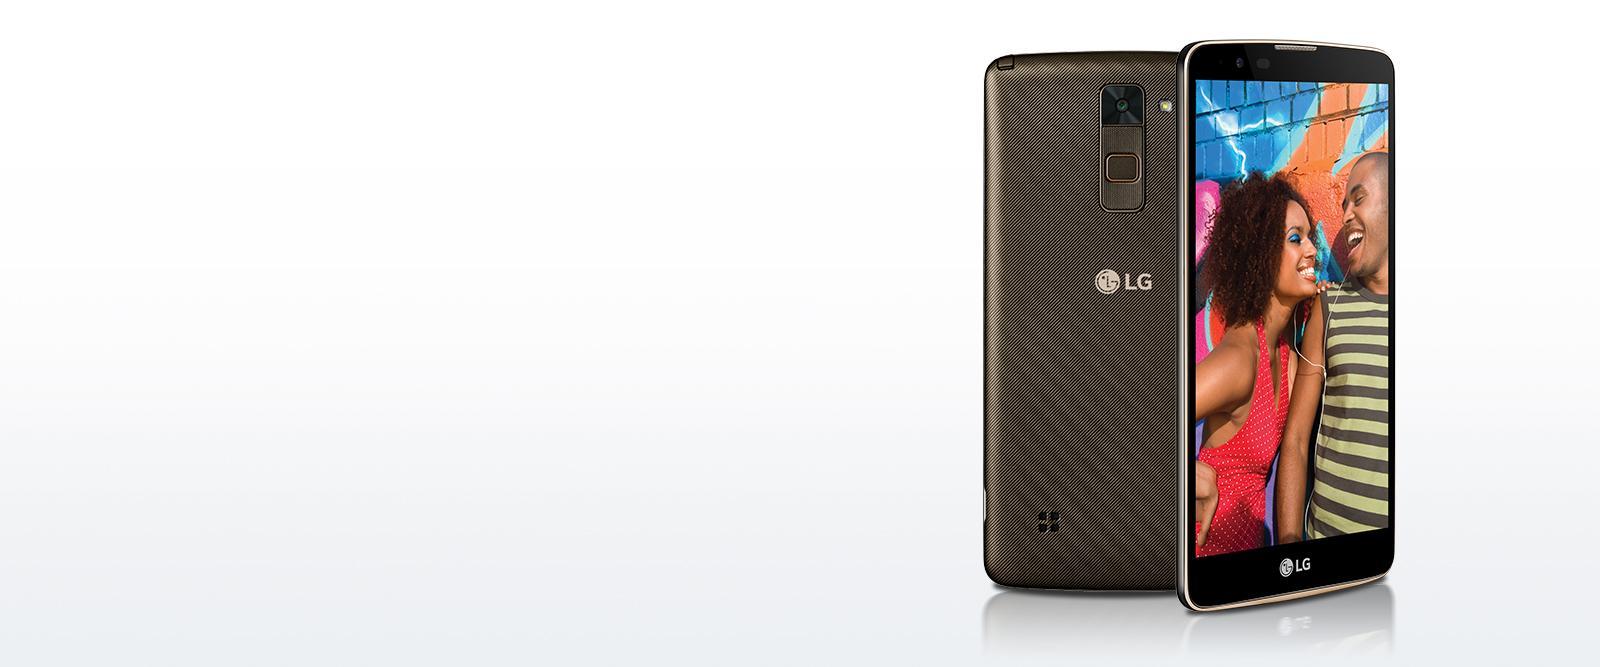 LG Stylo 2 Plus özellikleri açıklandı, fiyatı belli oldu! 7